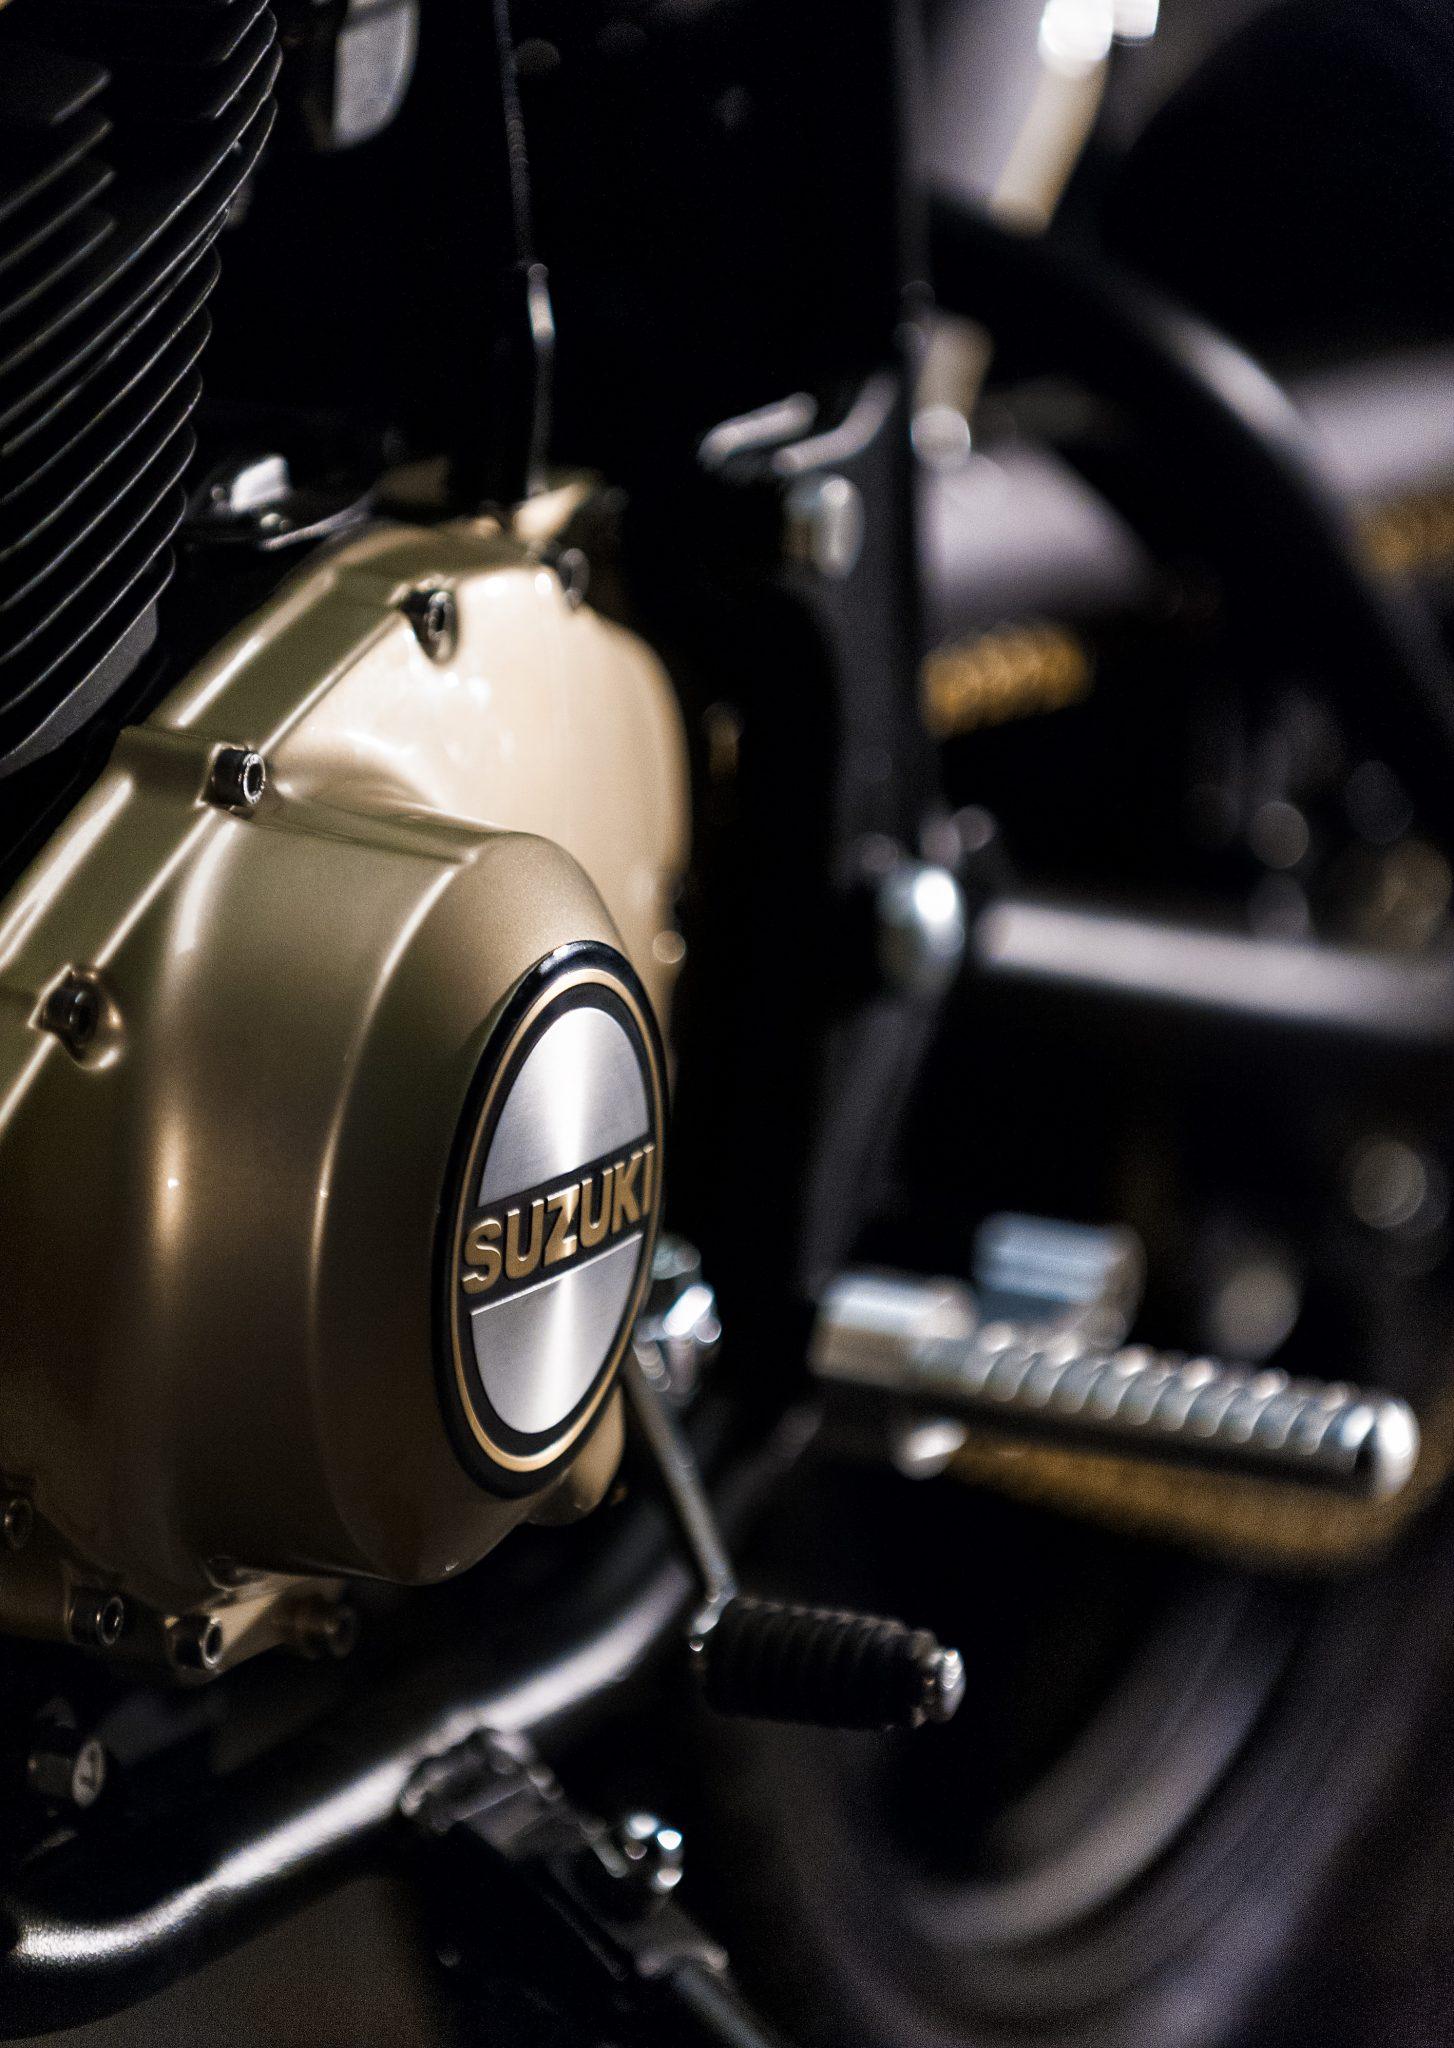 C Racer Suzuki Gsx250